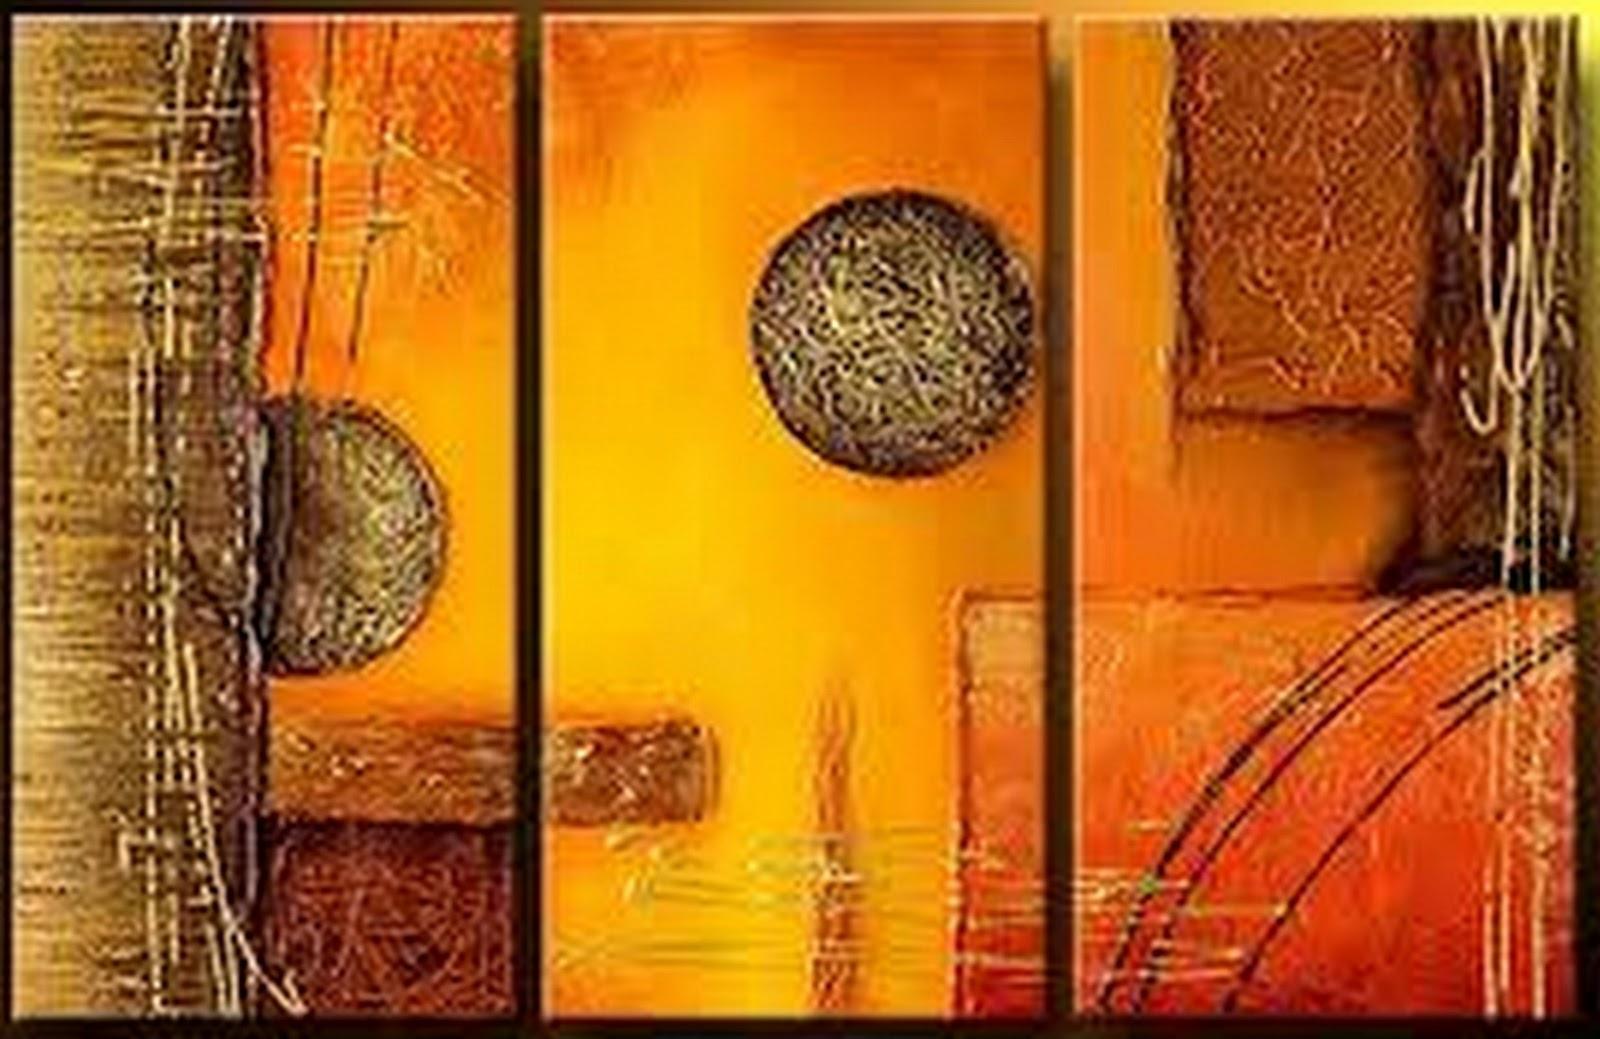 Pintura moderna y fotograf a art stica fotos de cuadros for Imagenes de cuadros abstractos faciles de hacer